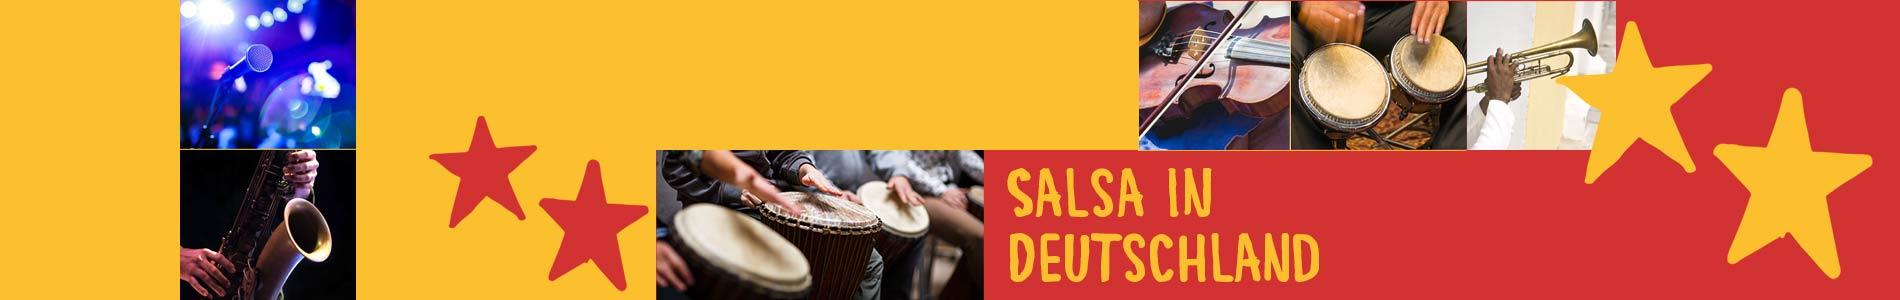 Salsa in Deilingen – Salsa lernen und tanzen, Tanzkurse, Partys, Veranstaltungen